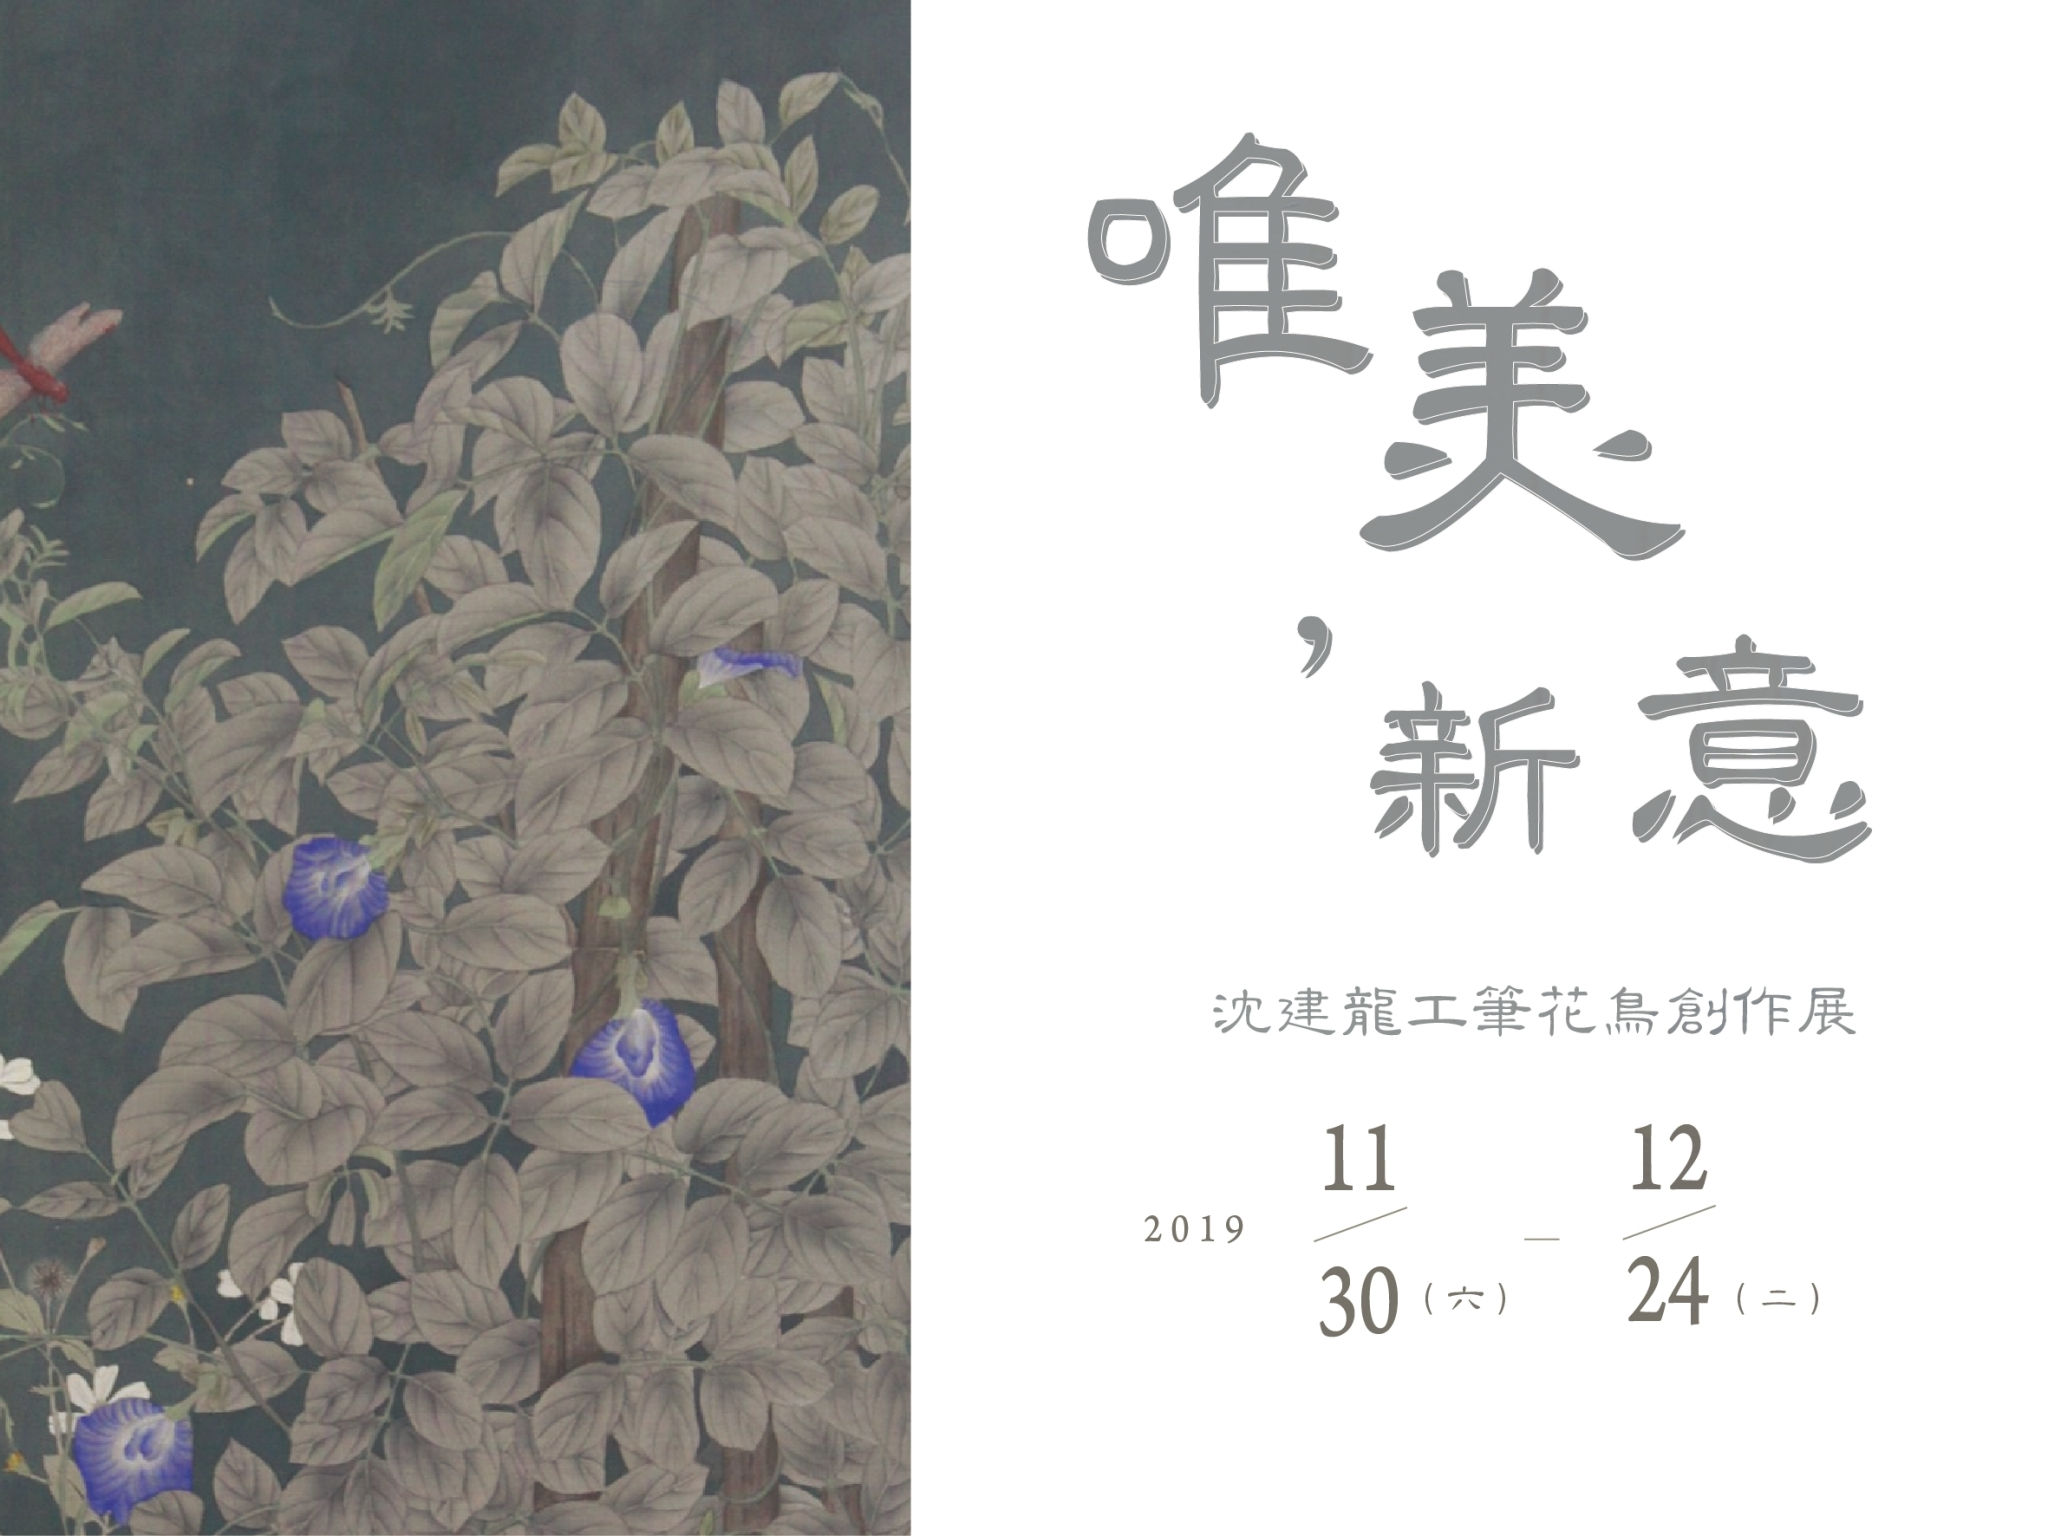 【傳習藝展】唯美,新意&沈建龍工筆花鳥創作展